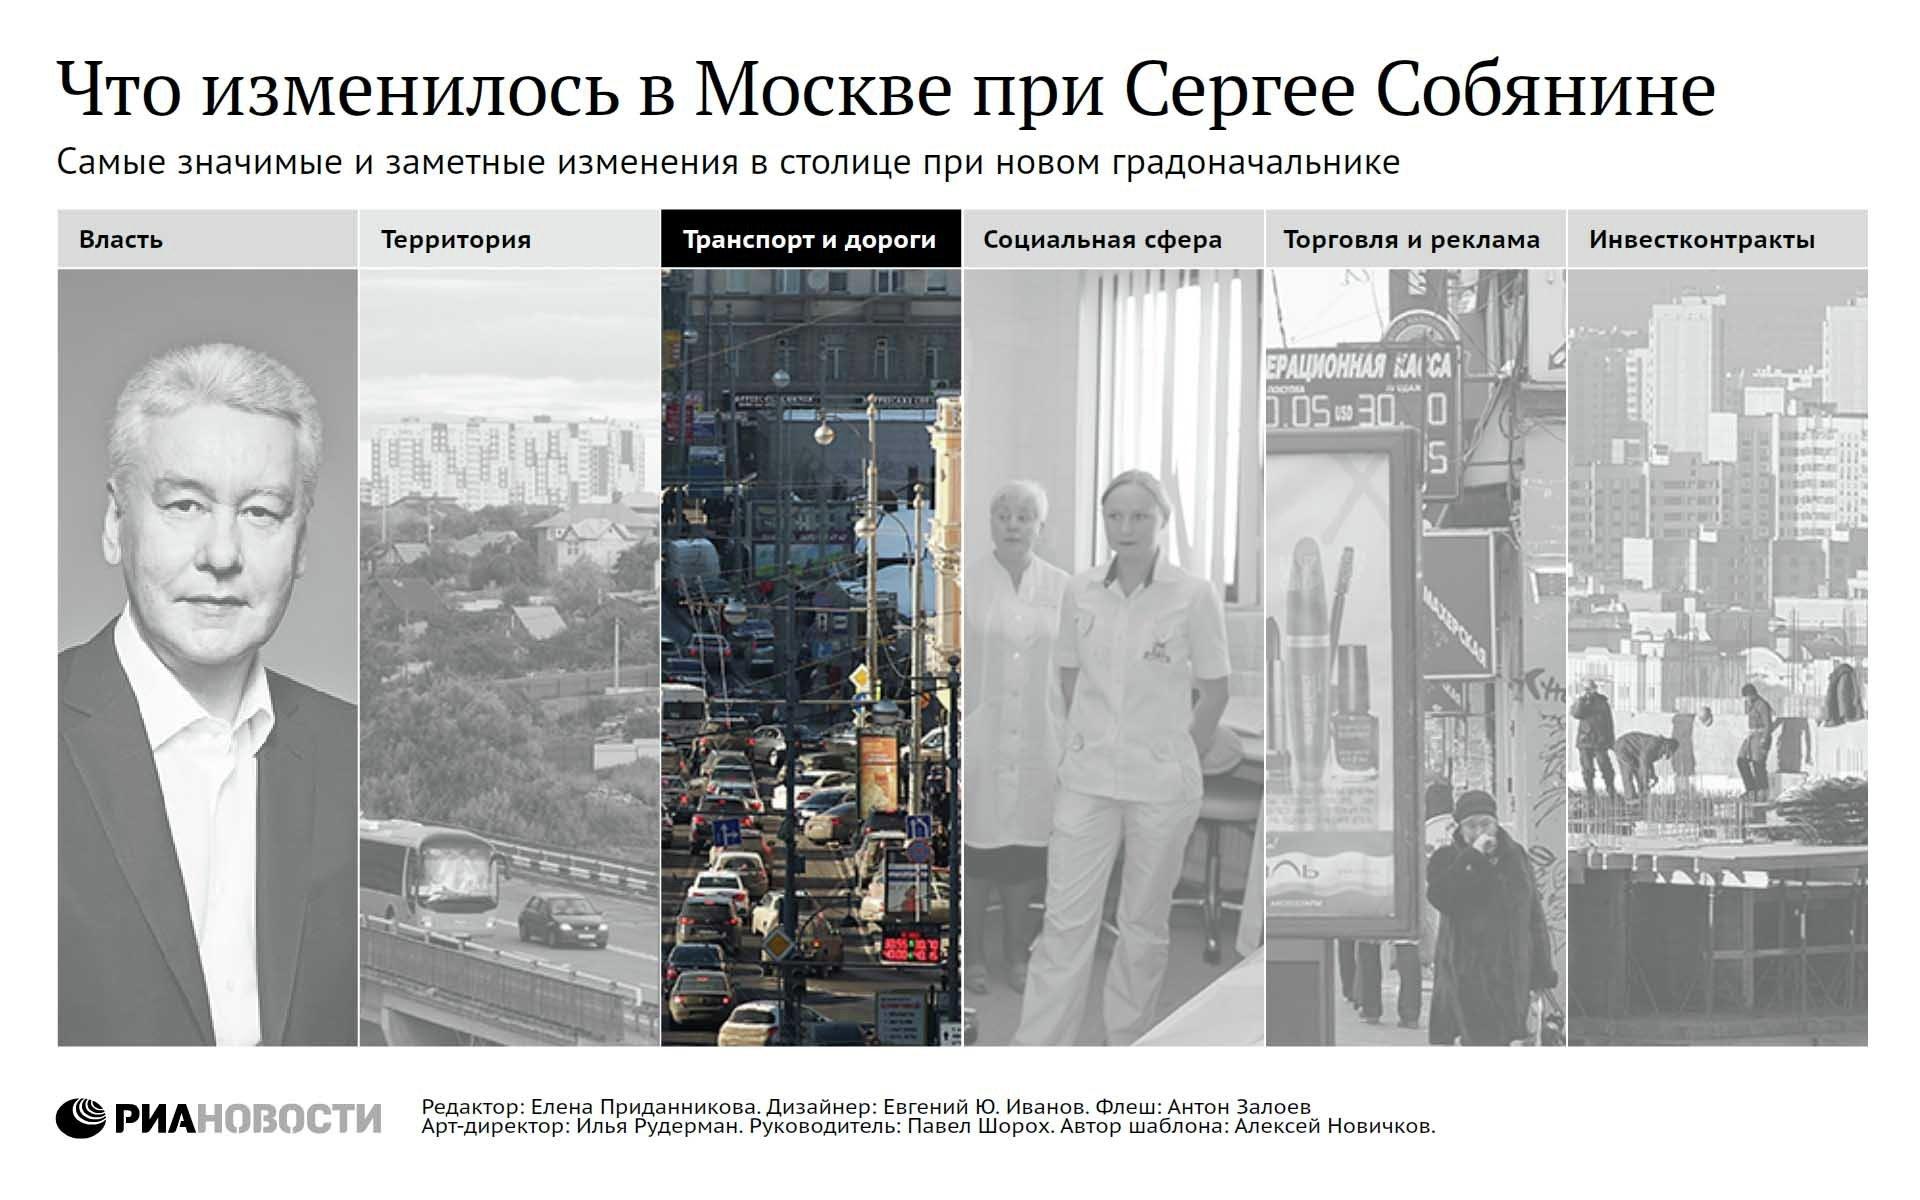 Что изменилось в Москве при Сергее Собянине